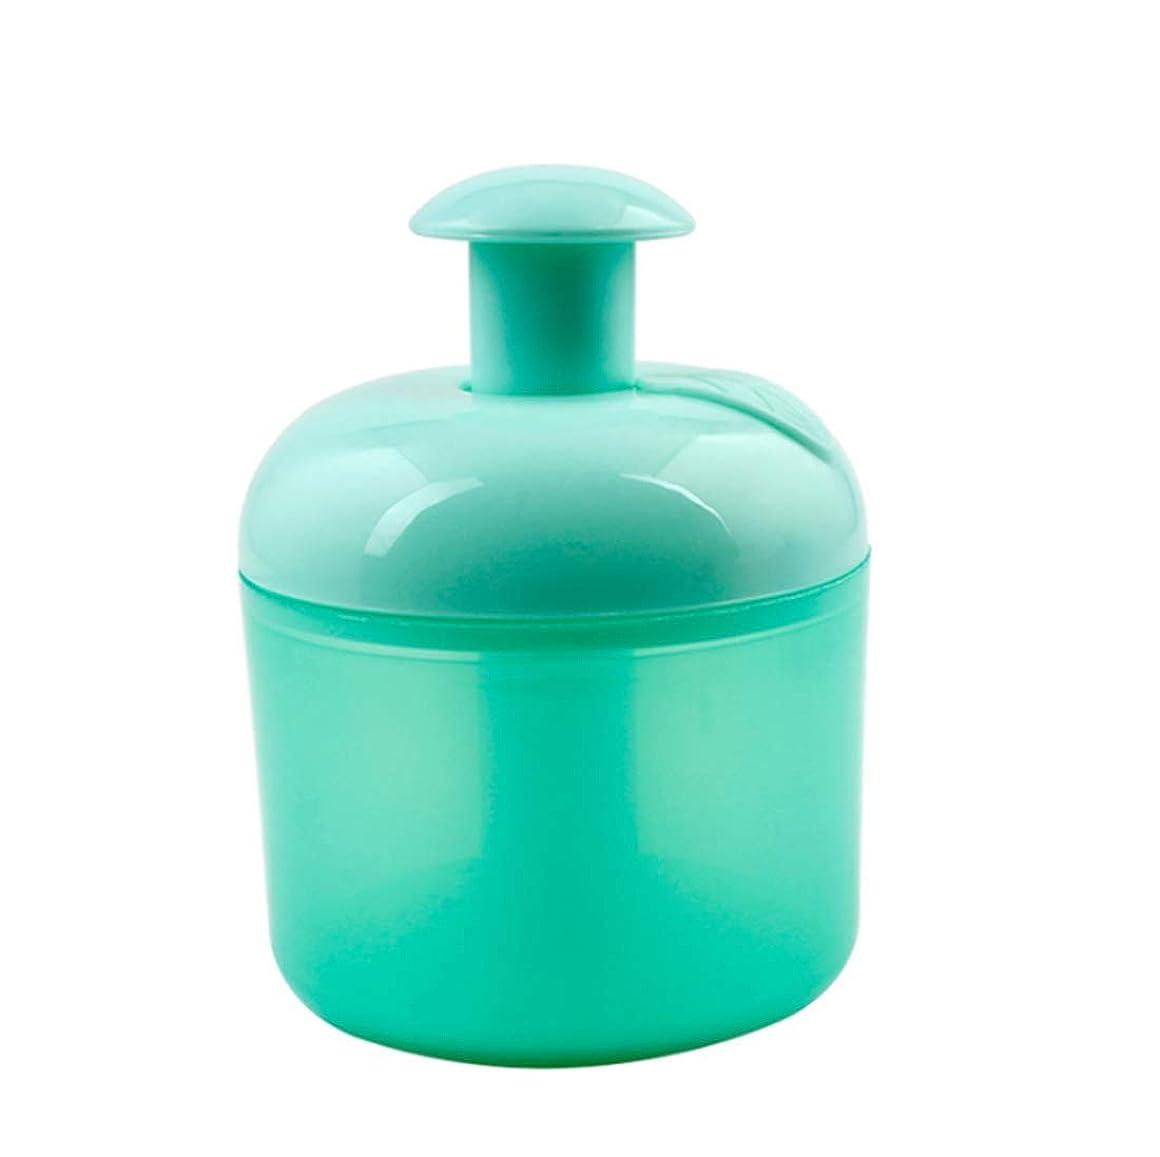 ええ養う試みるマイクロバブルフォーマー 洗顔泡立て器 洗顔ネット YOKELLMUX マイクロホイッパー 7倍の濃厚なバブル 洗顔用 (グリーン)